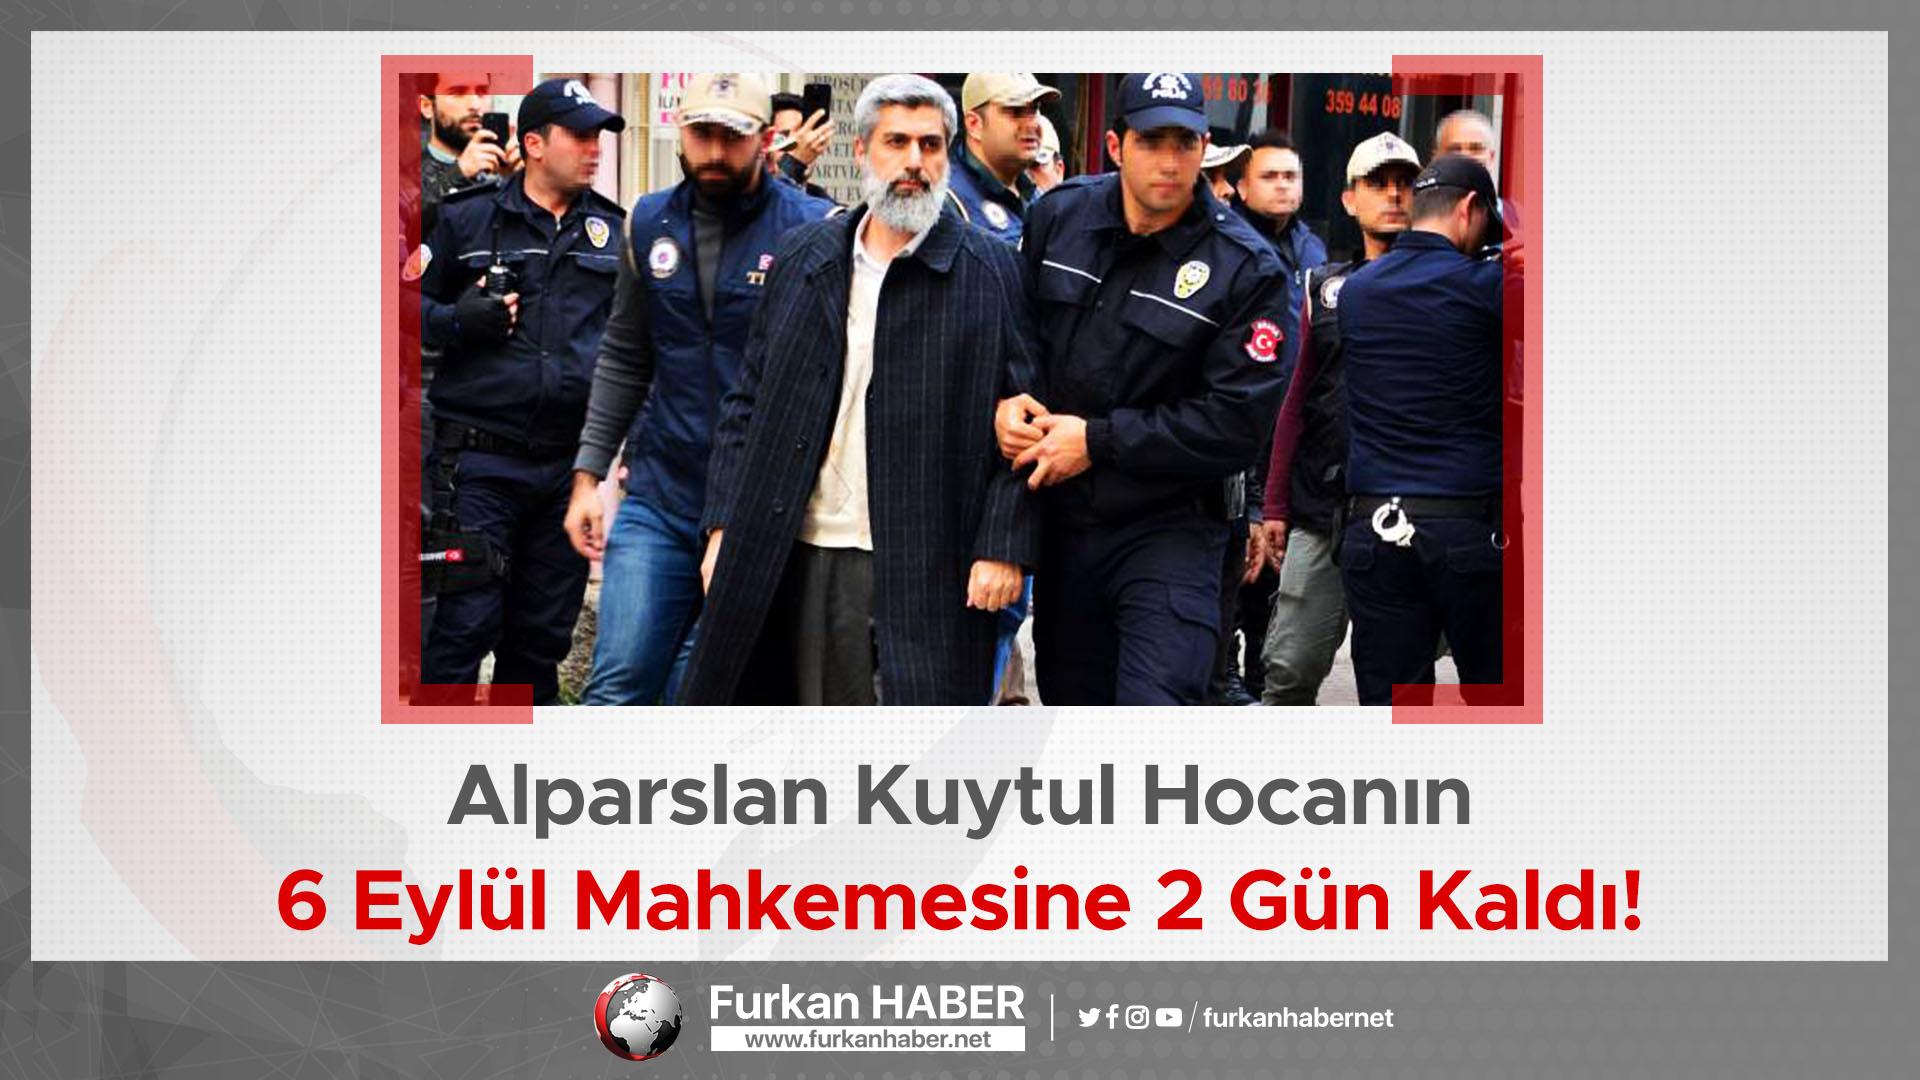 Alparslan Kuytul Hocanın 6 Eylül Mahkemesine 2 Gün Kaldı!